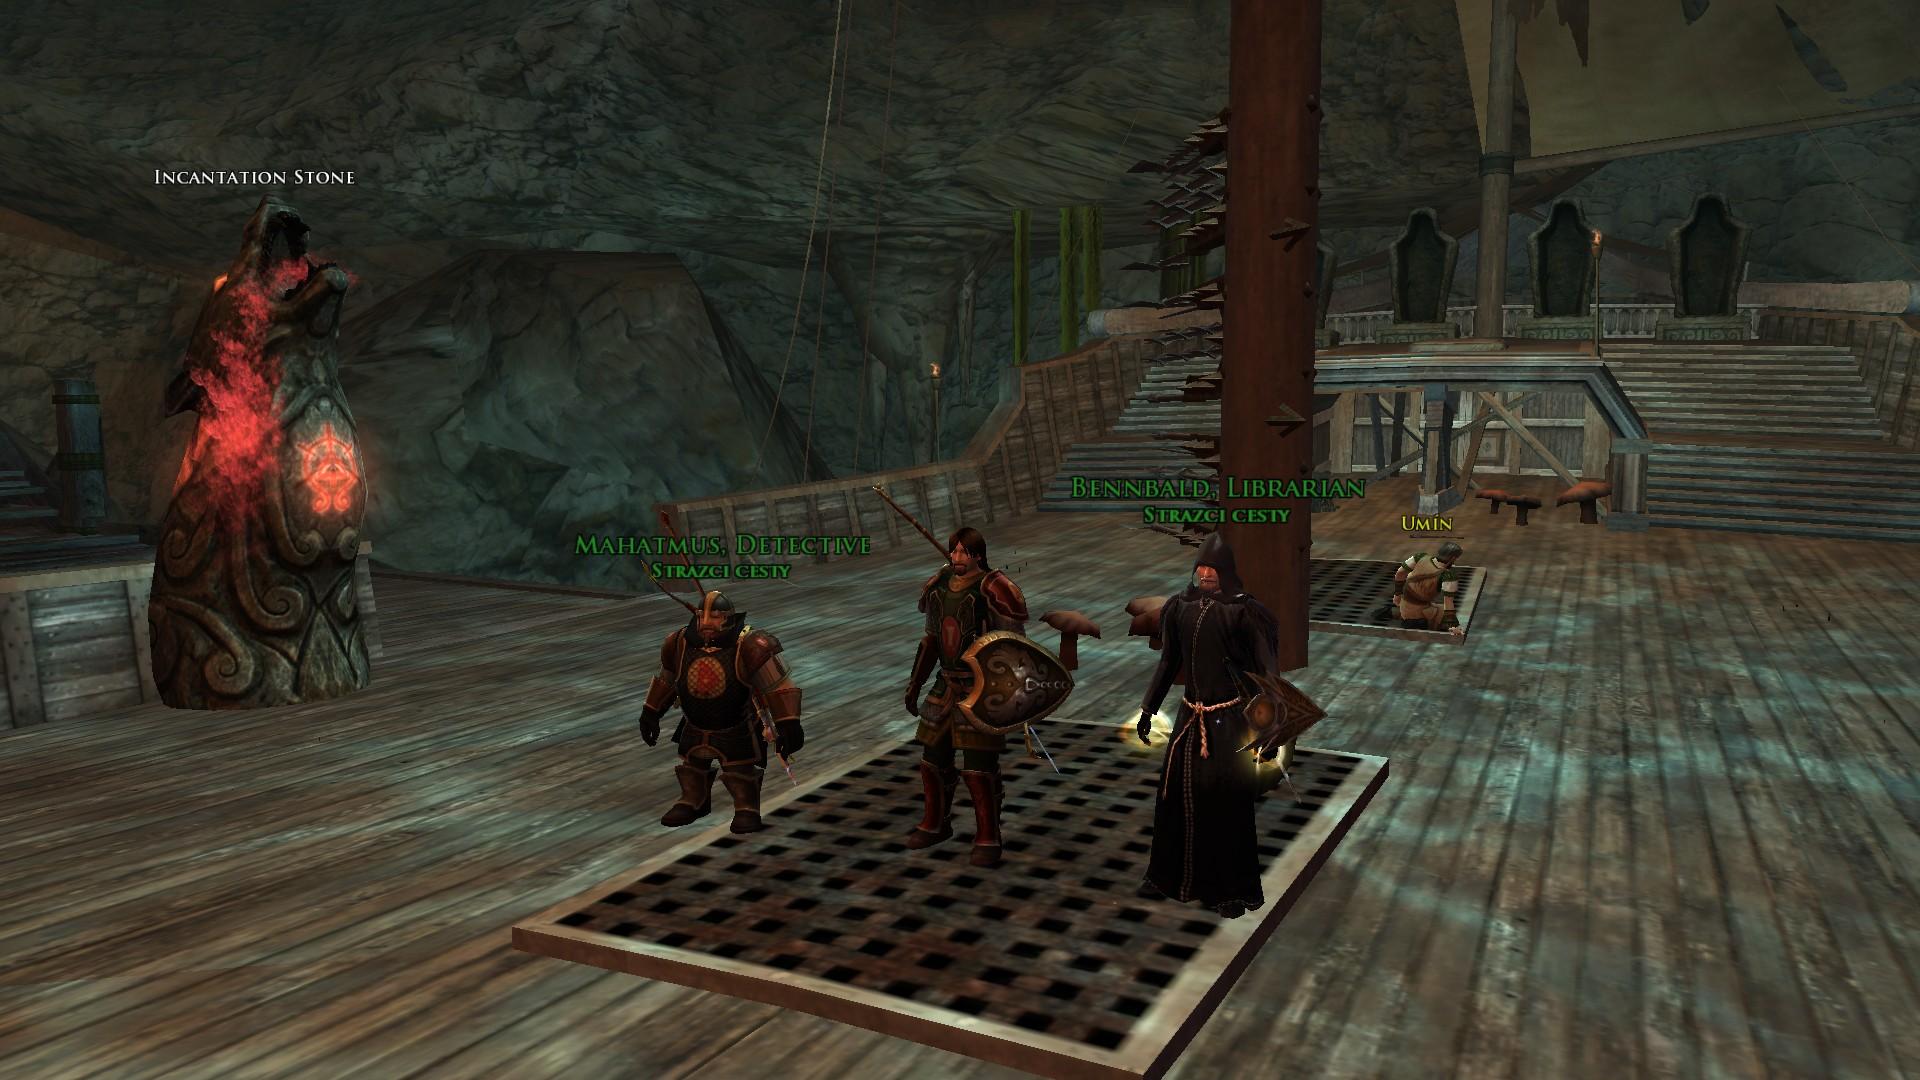 Inn of the Forsaken: hádanky, zase hádanky a nakonec zajímavý boss fight na pirátské lodi :)